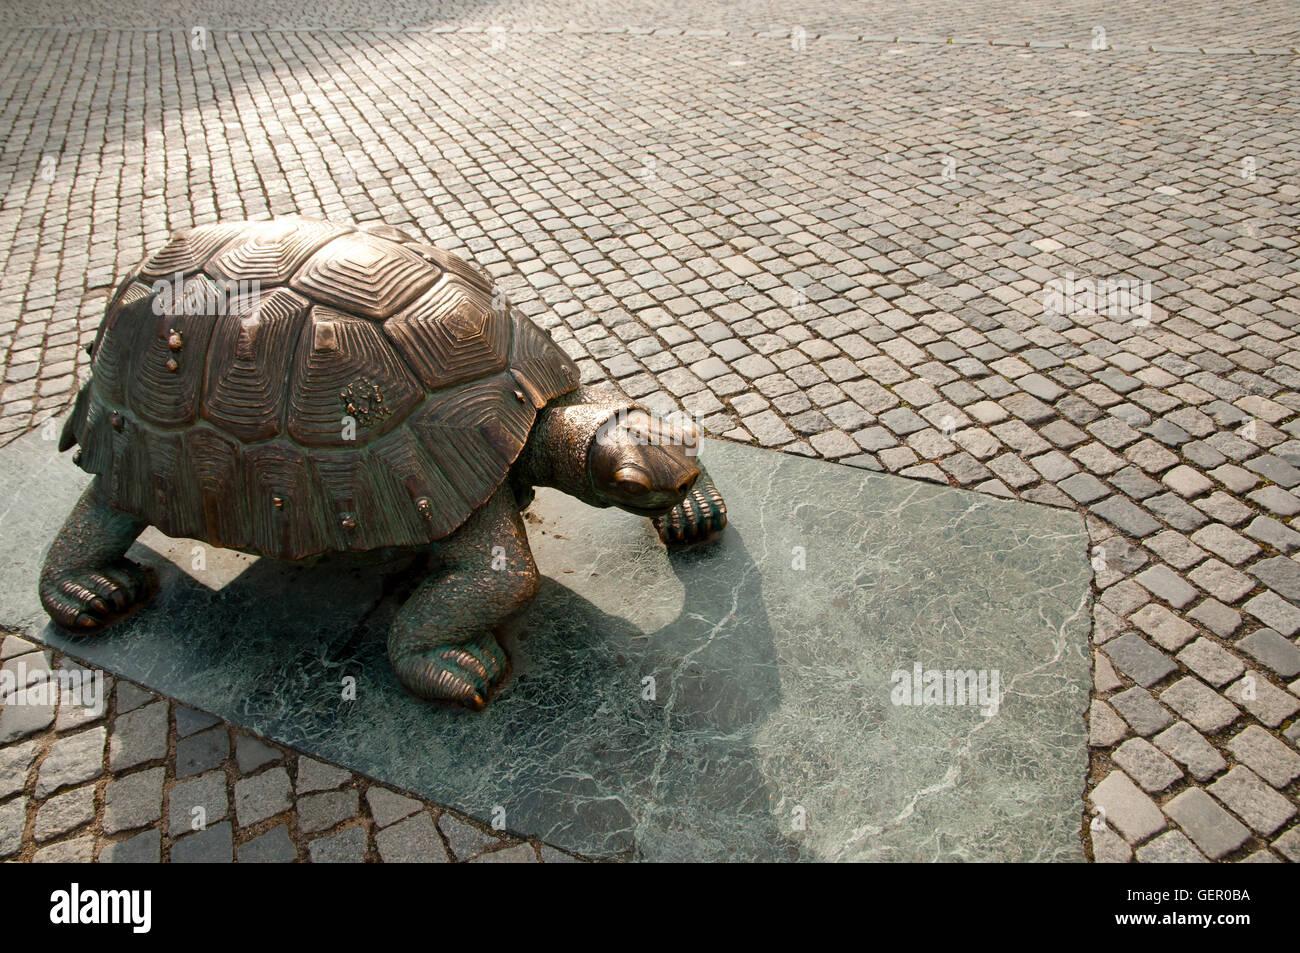 Turtle Statue - Olomouc - Czech Republic - Stock Image